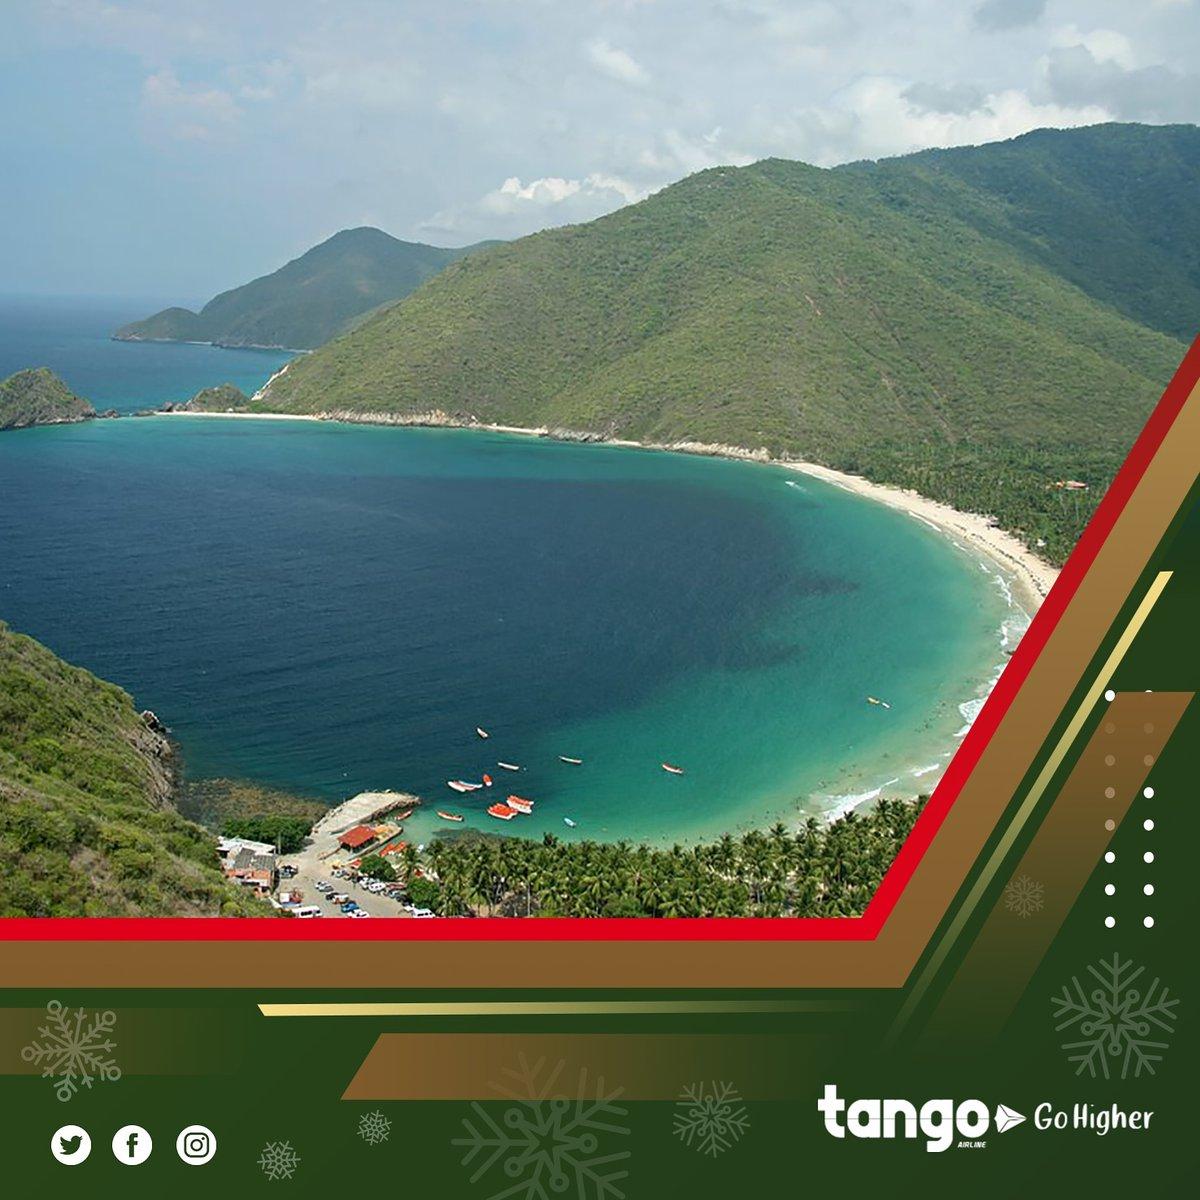 La bahía de Cata es una playa del estado Aragua (Venezuela), de gran extensión, finísima arena, aguas cristalinas y... (sigue leyendo en nuestra cuenta de Instagram y Facebook)  #tango #tangoairlinesvip  #venezuela #aventura #amazing #adventure #familia #cata #playa #23Noviembre https://t.co/8DwjIAFaXj